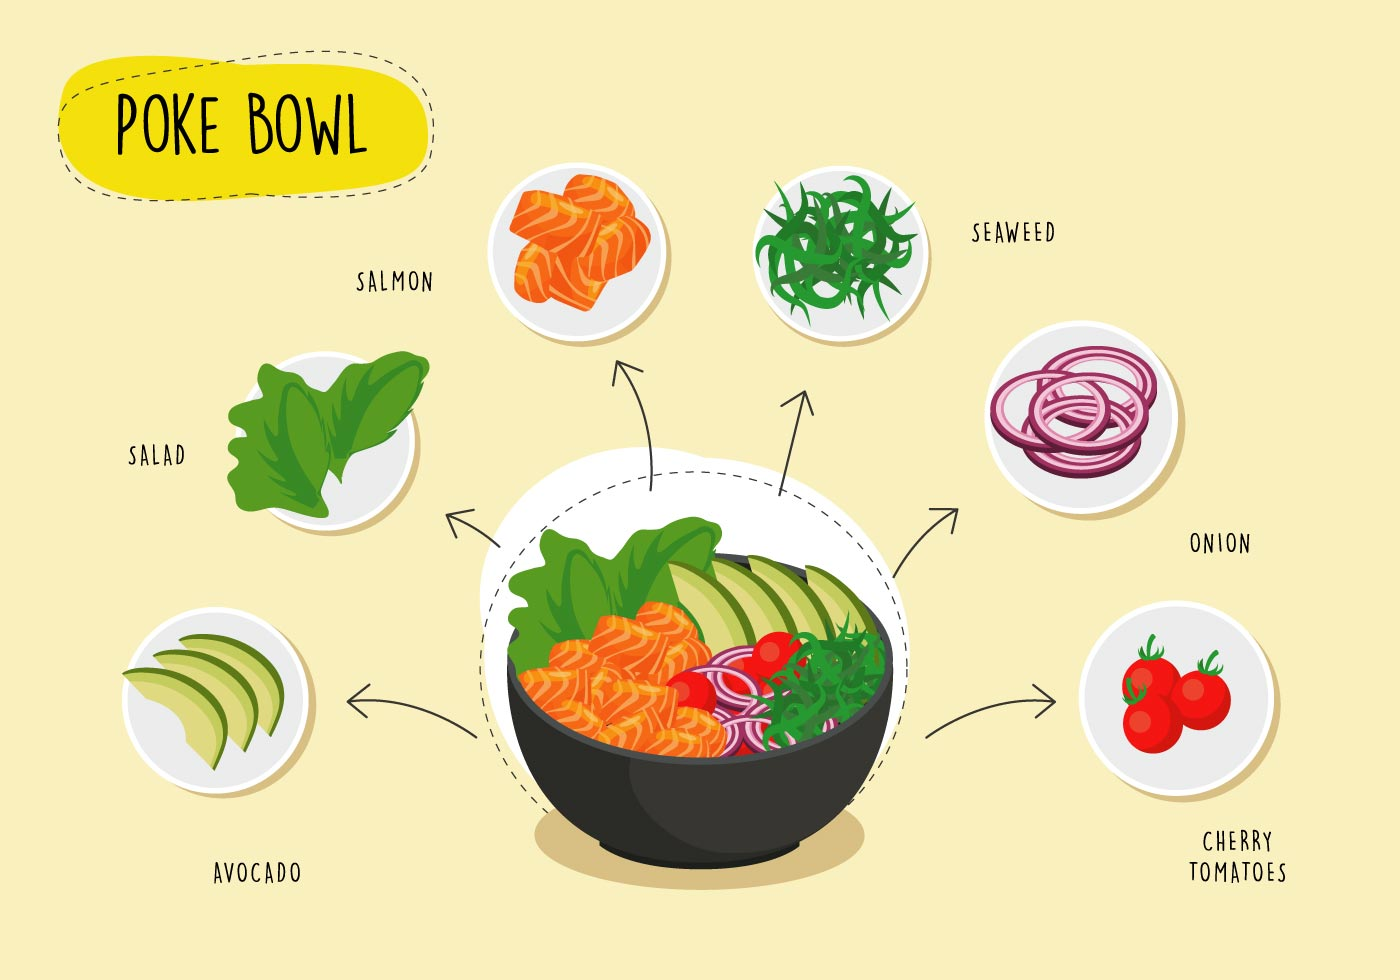 Poke Bowl Recipe Salmon